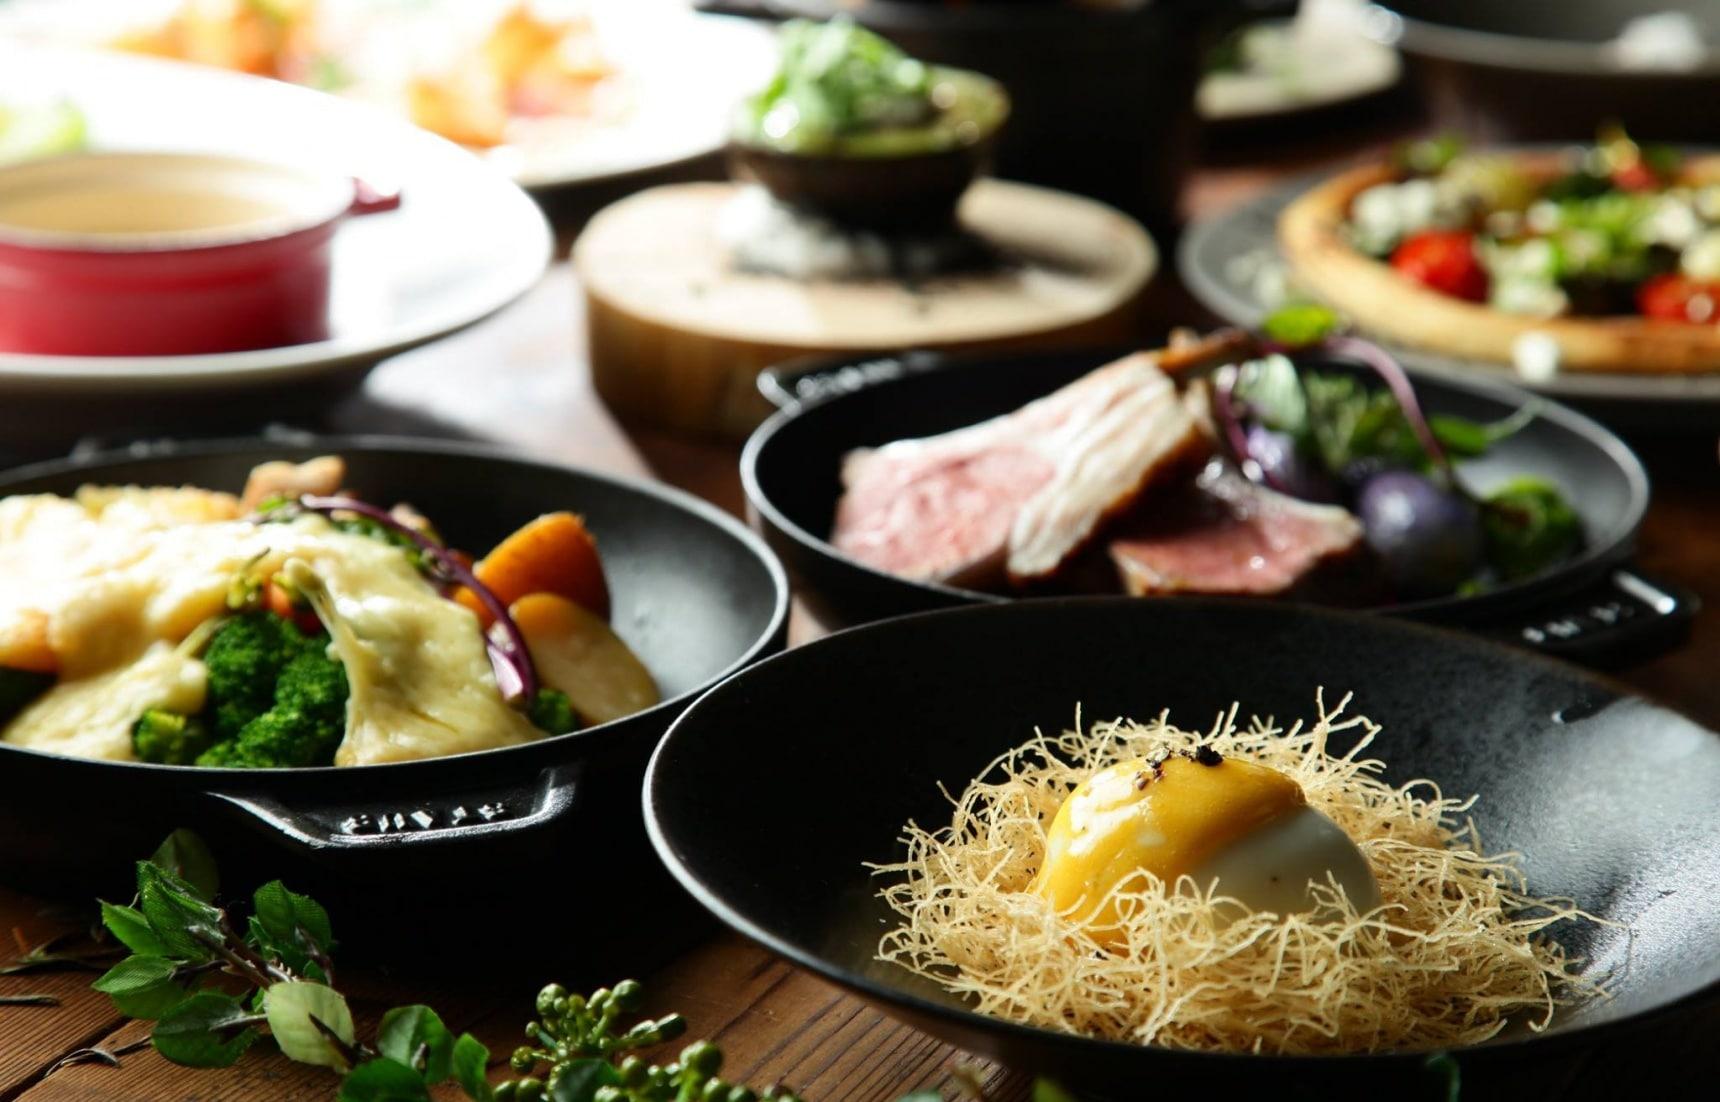 【東京美食】10間不可錯過的惠比壽超人氣時尚咖啡廳